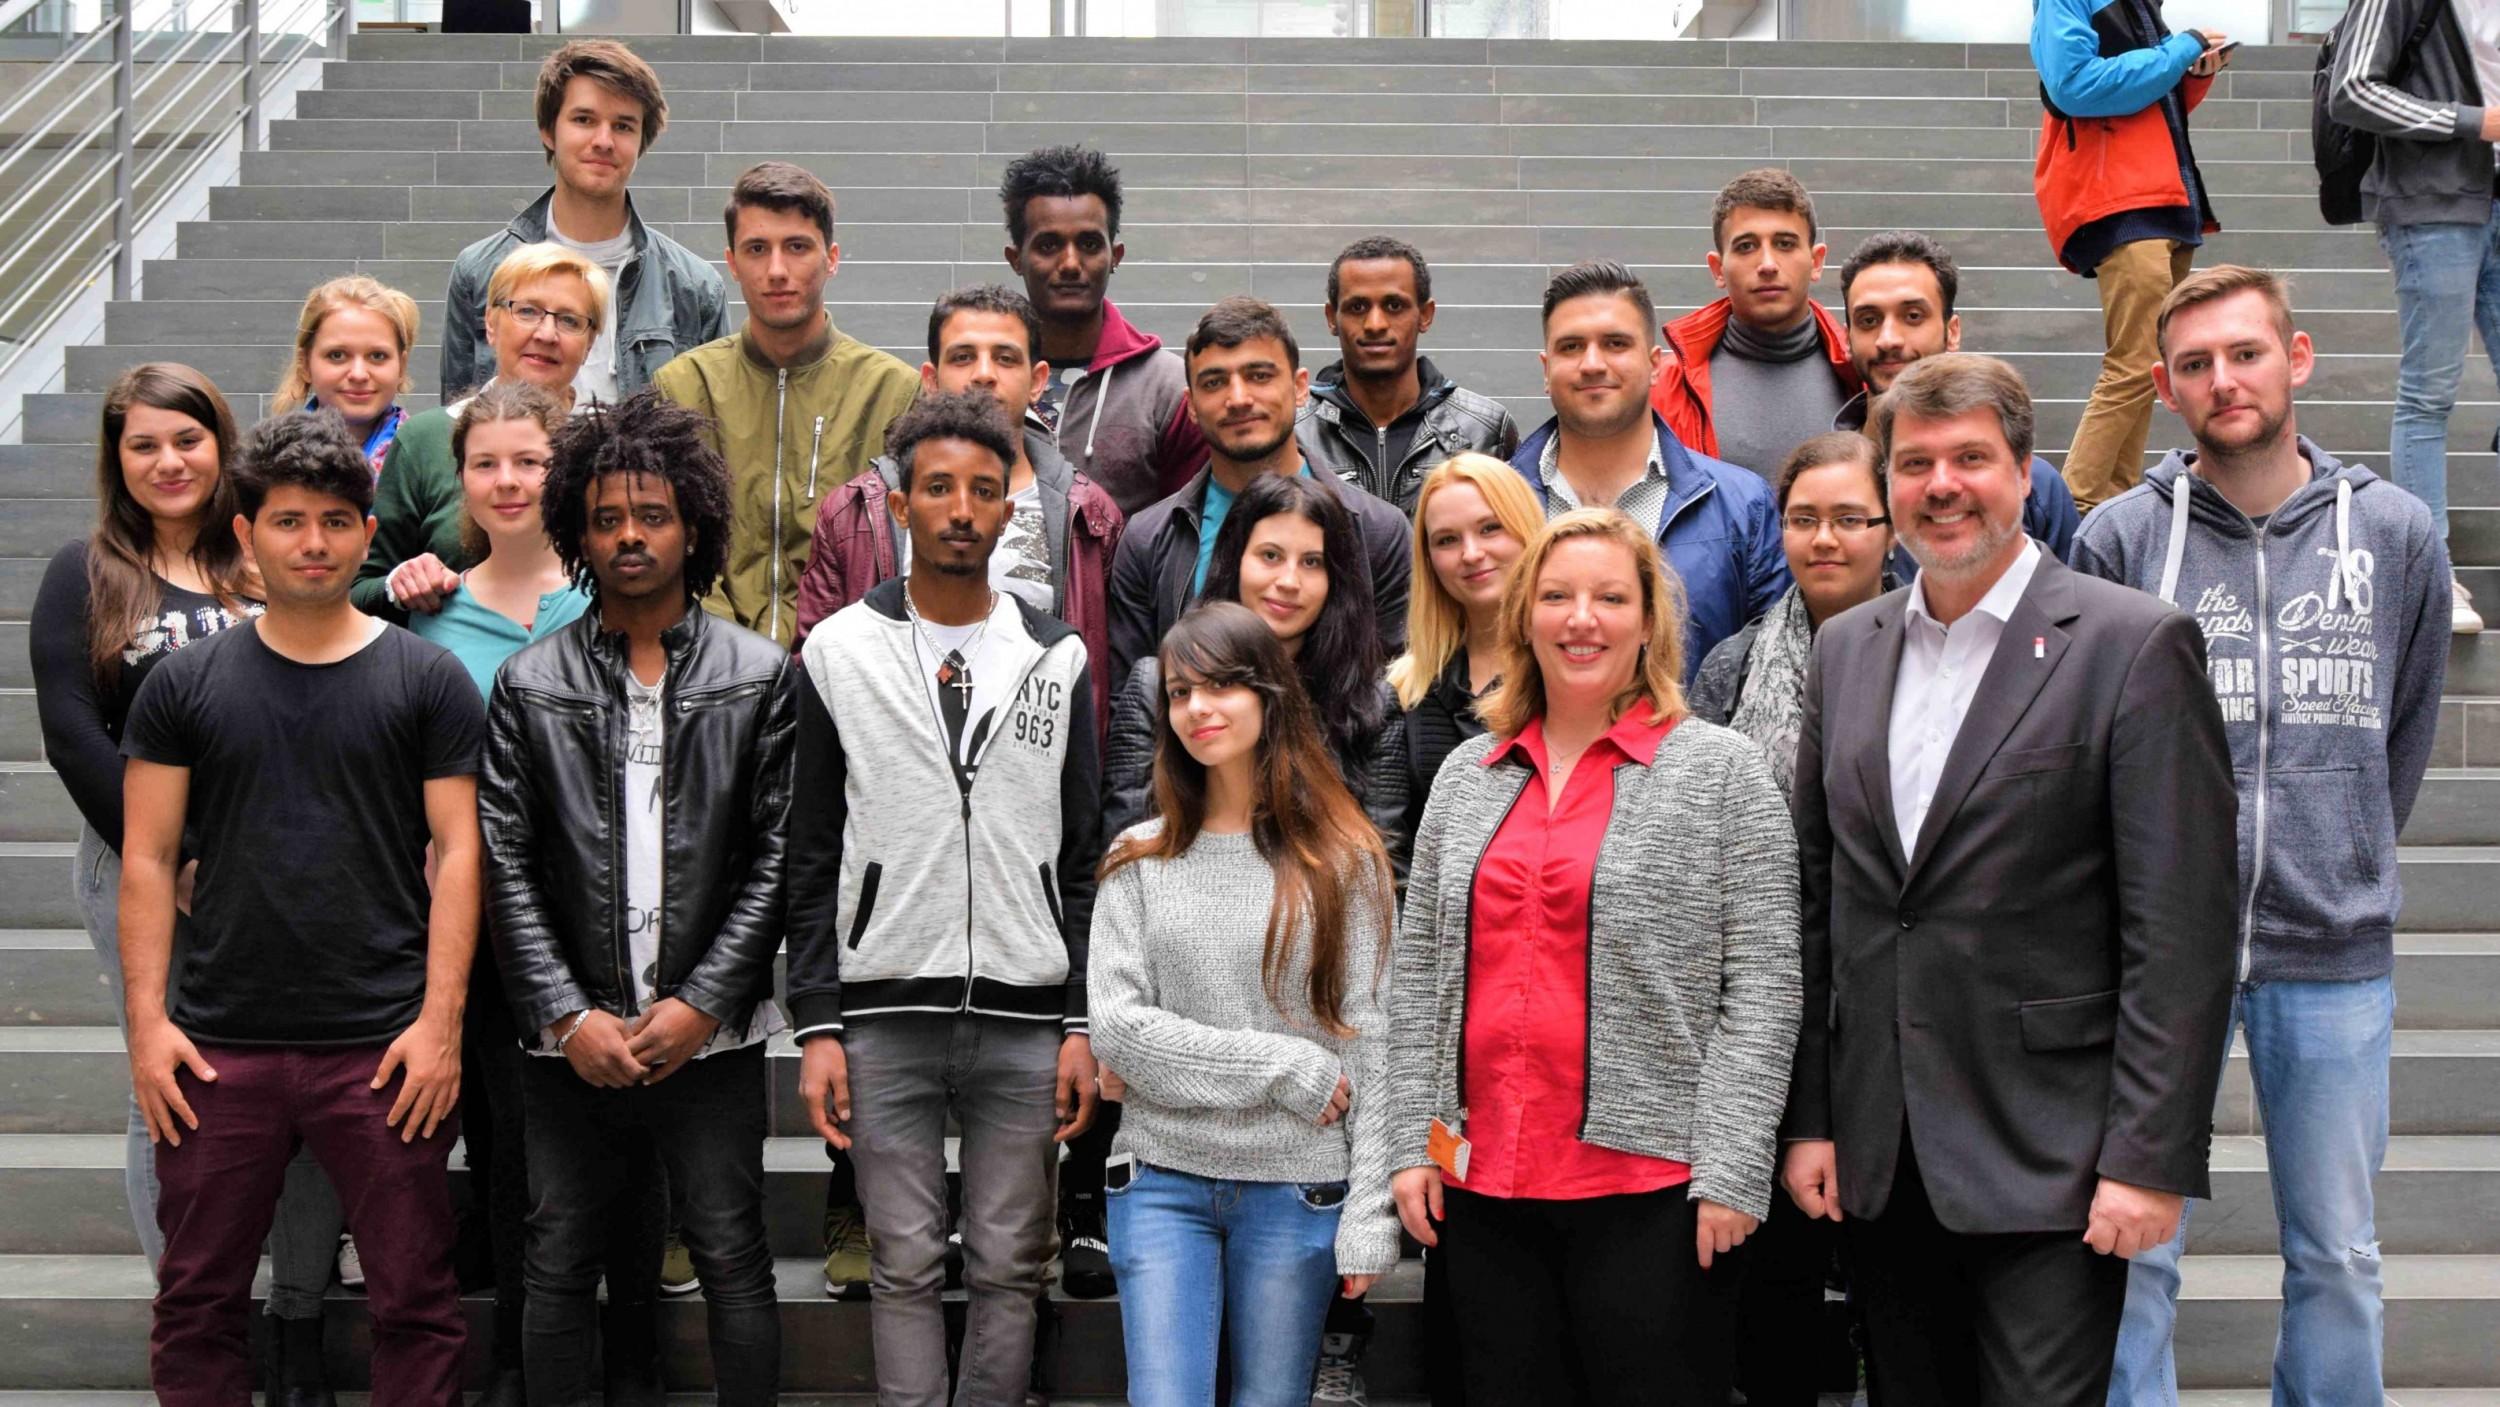 Multikulturelles Forum e.V. aus Lünen